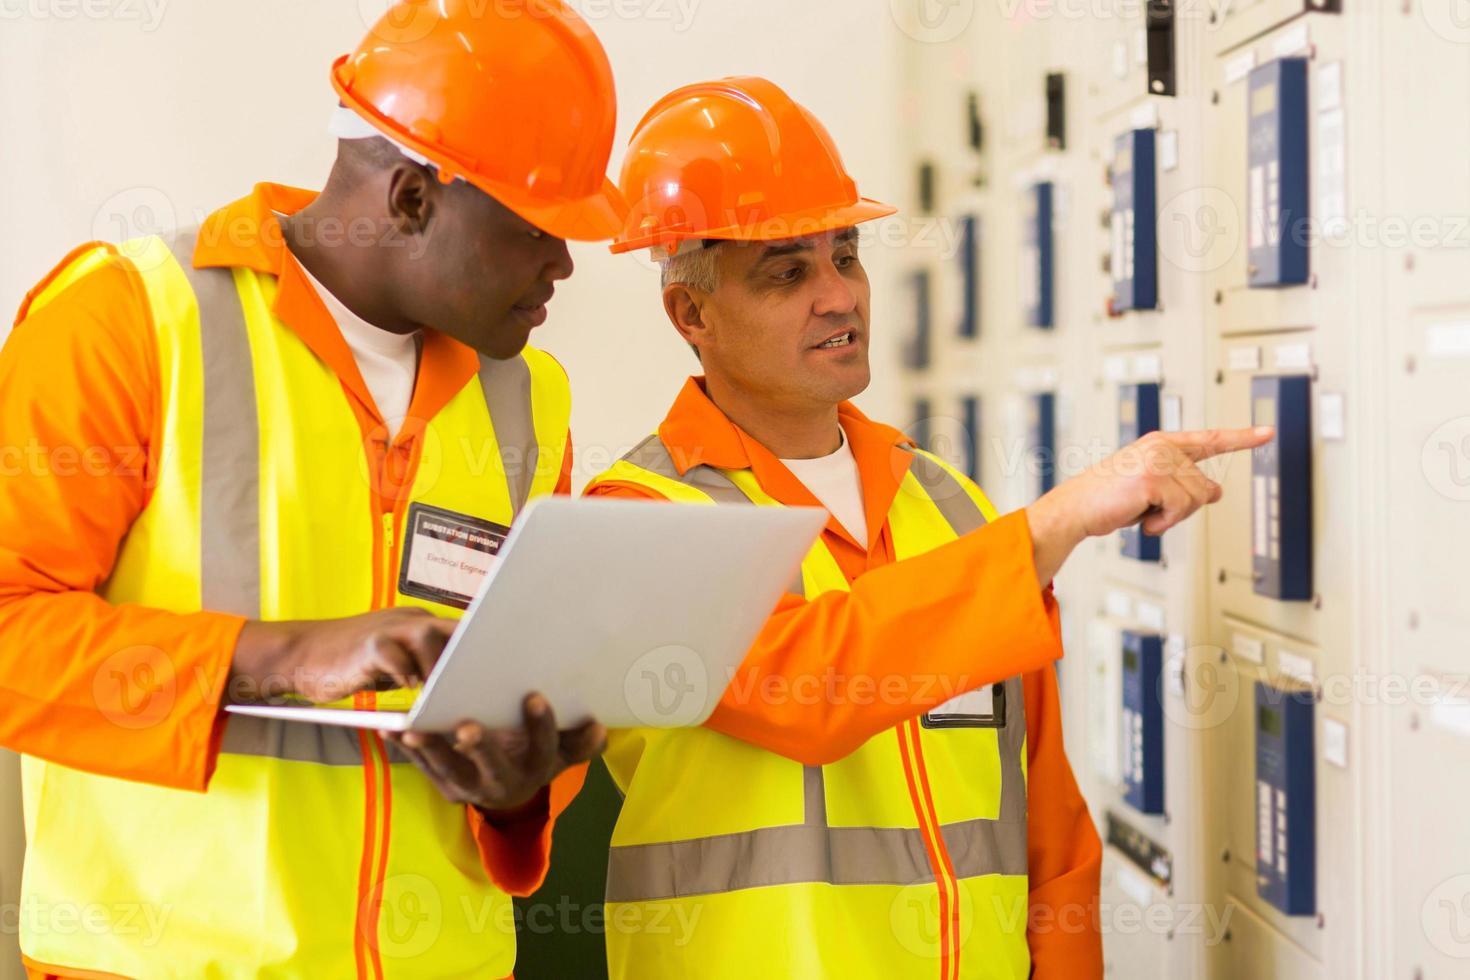 deux électriciens vérifiant la boîte de contrôle industriel photo